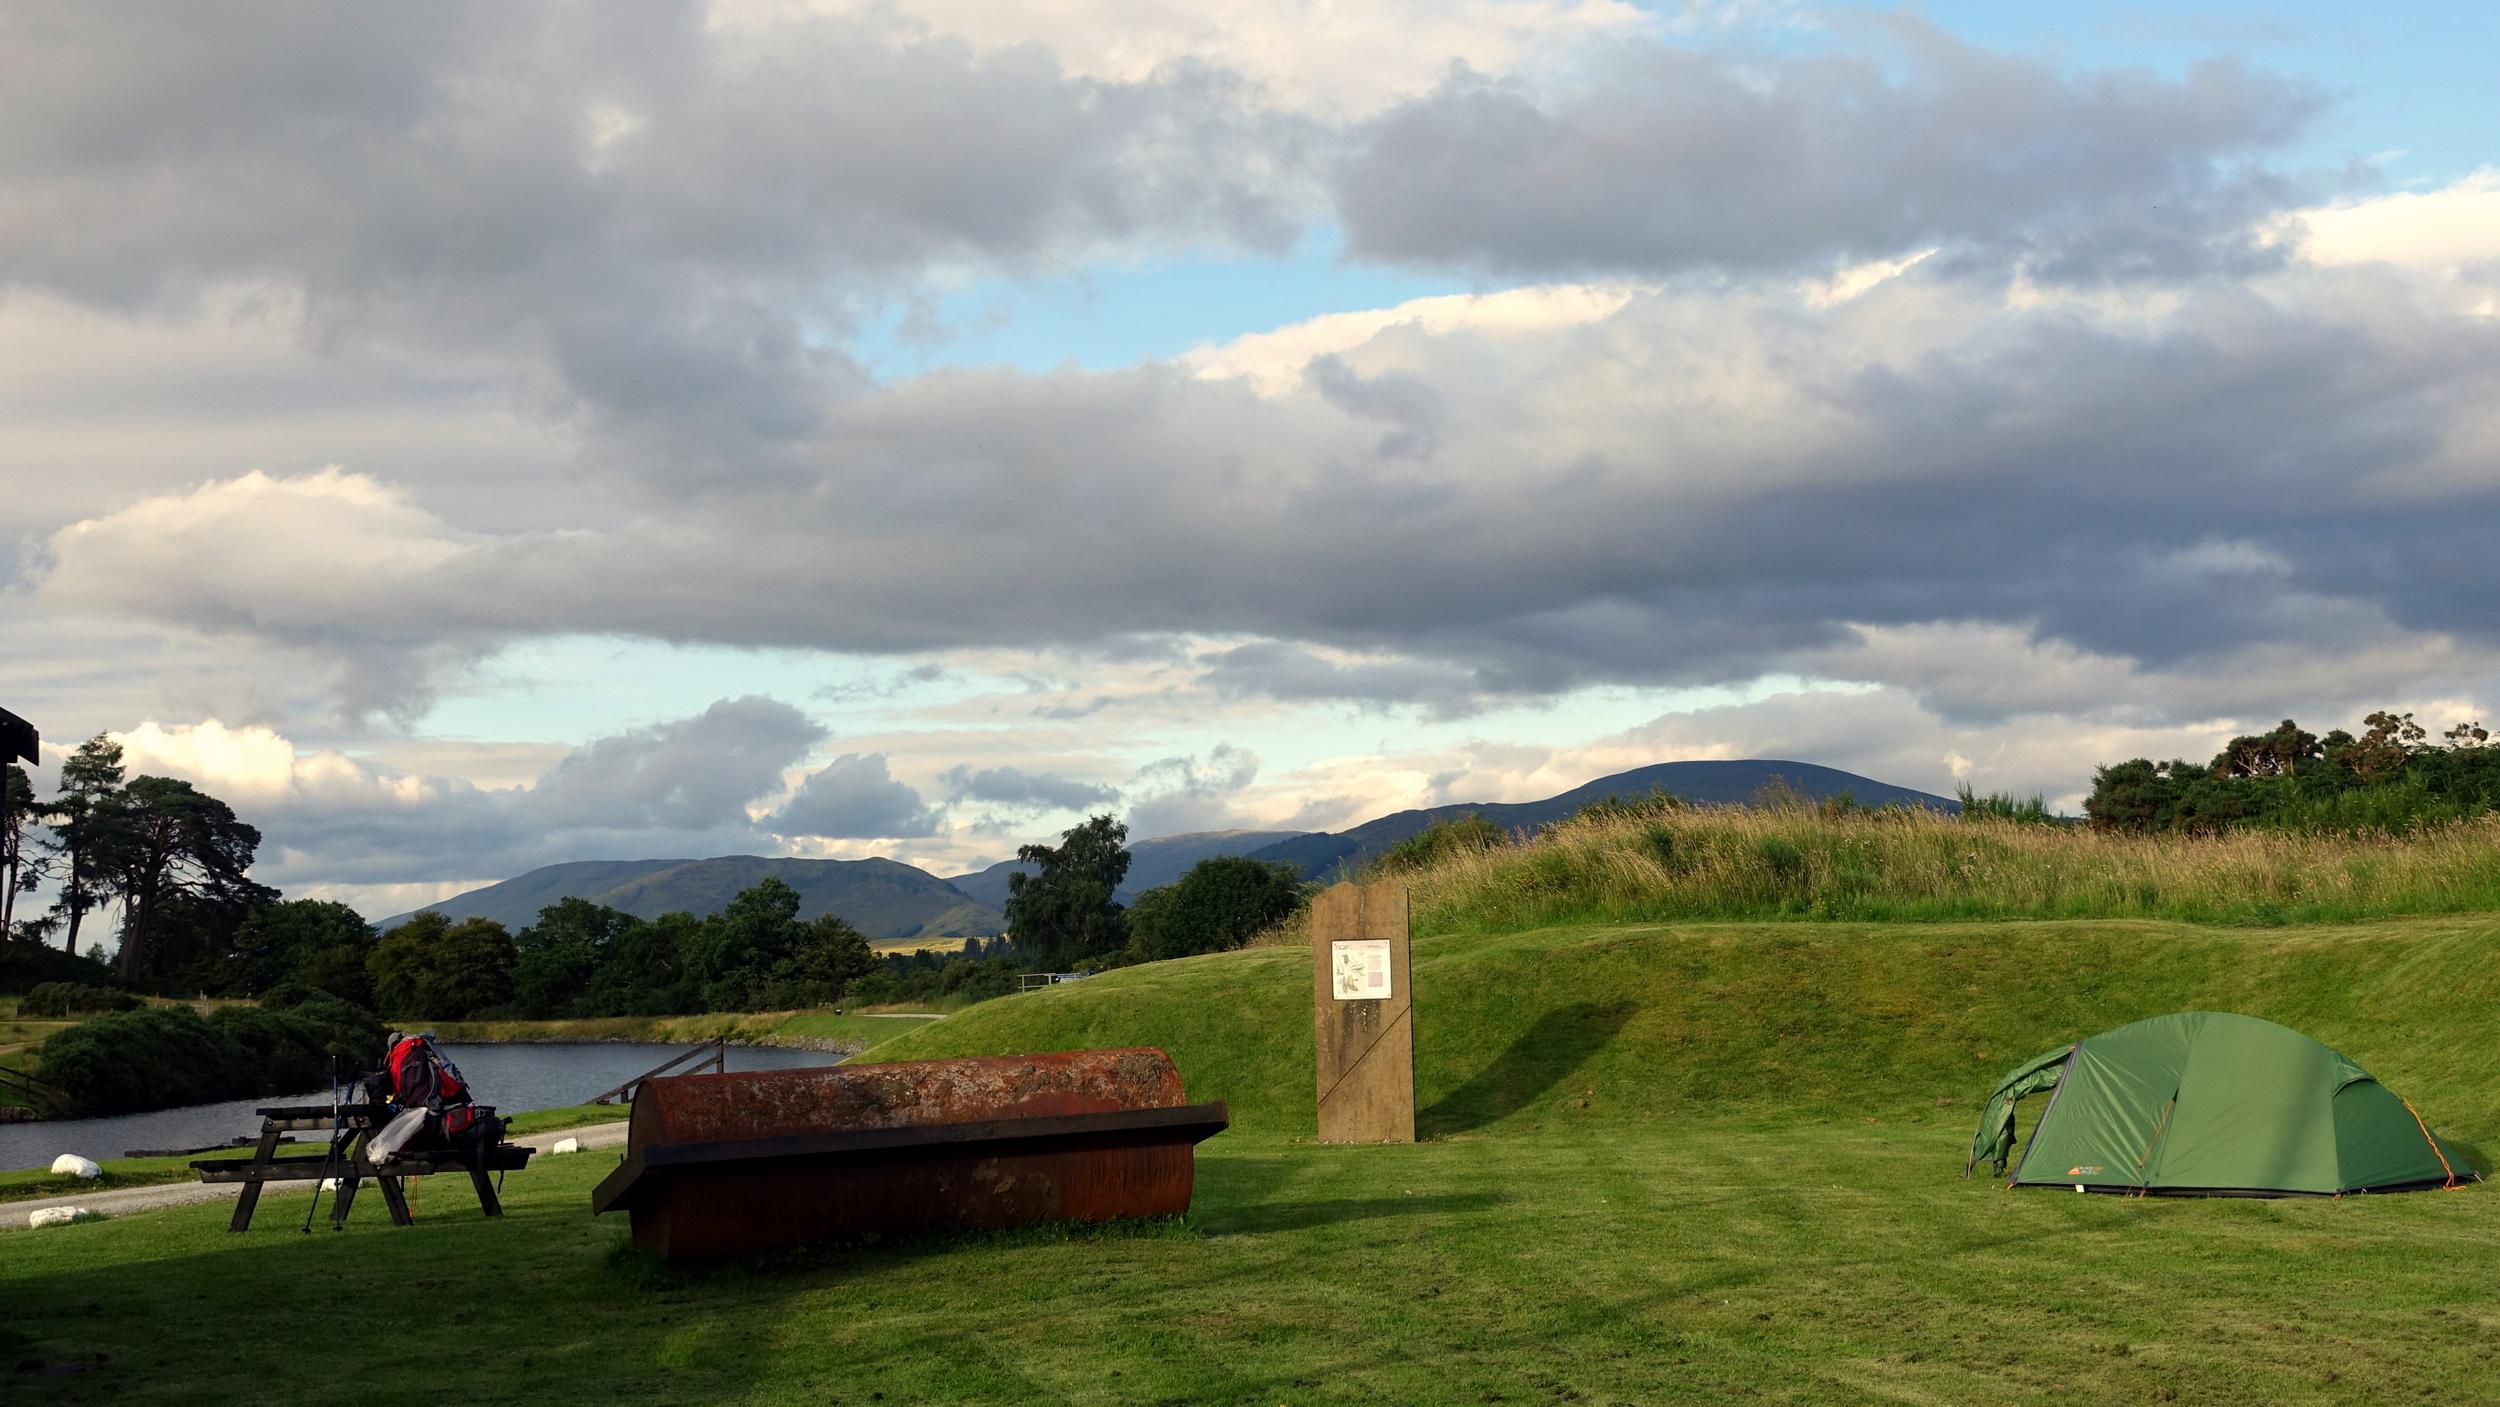 Vango in Scotland, along the Great Glen Way